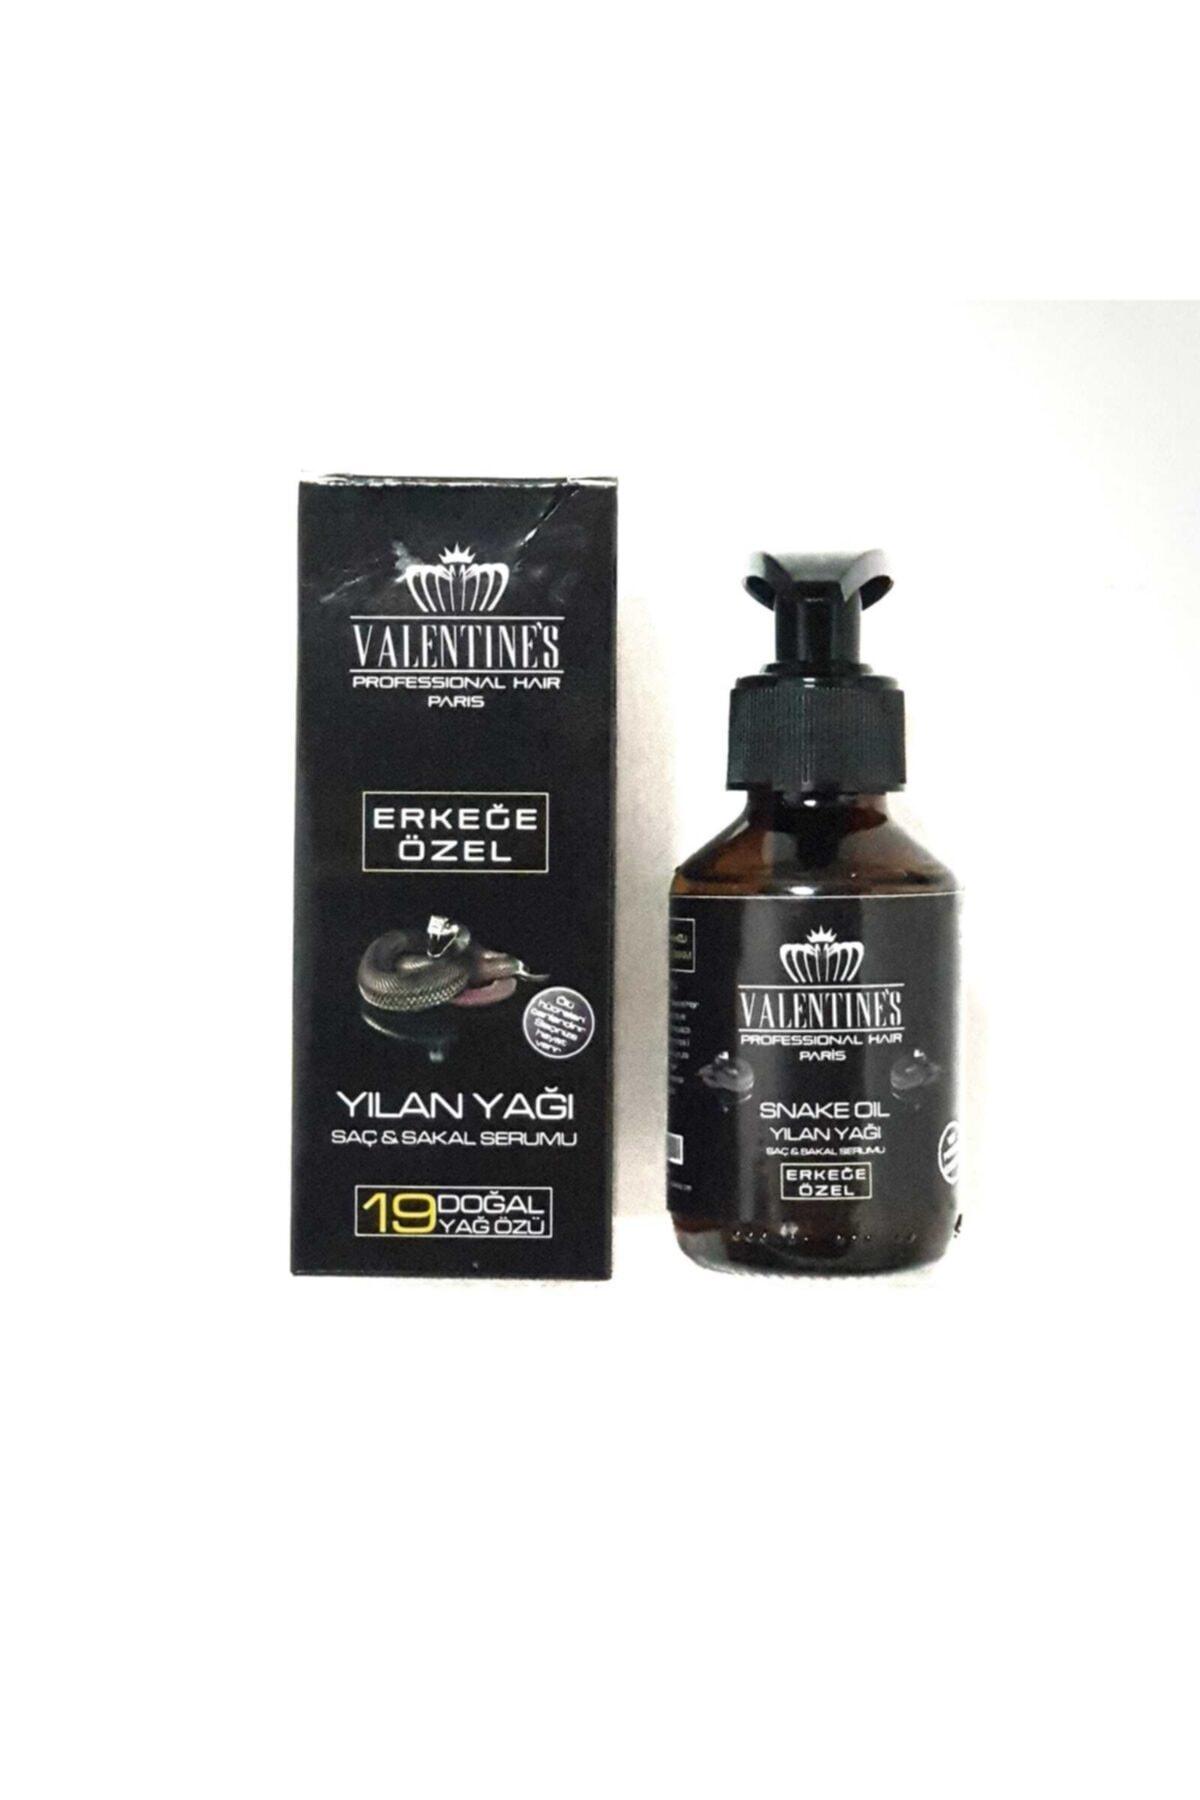 VALENTİNES Erkeğe Özel Yılan Yağı Saç ve Sakal Serumu 2